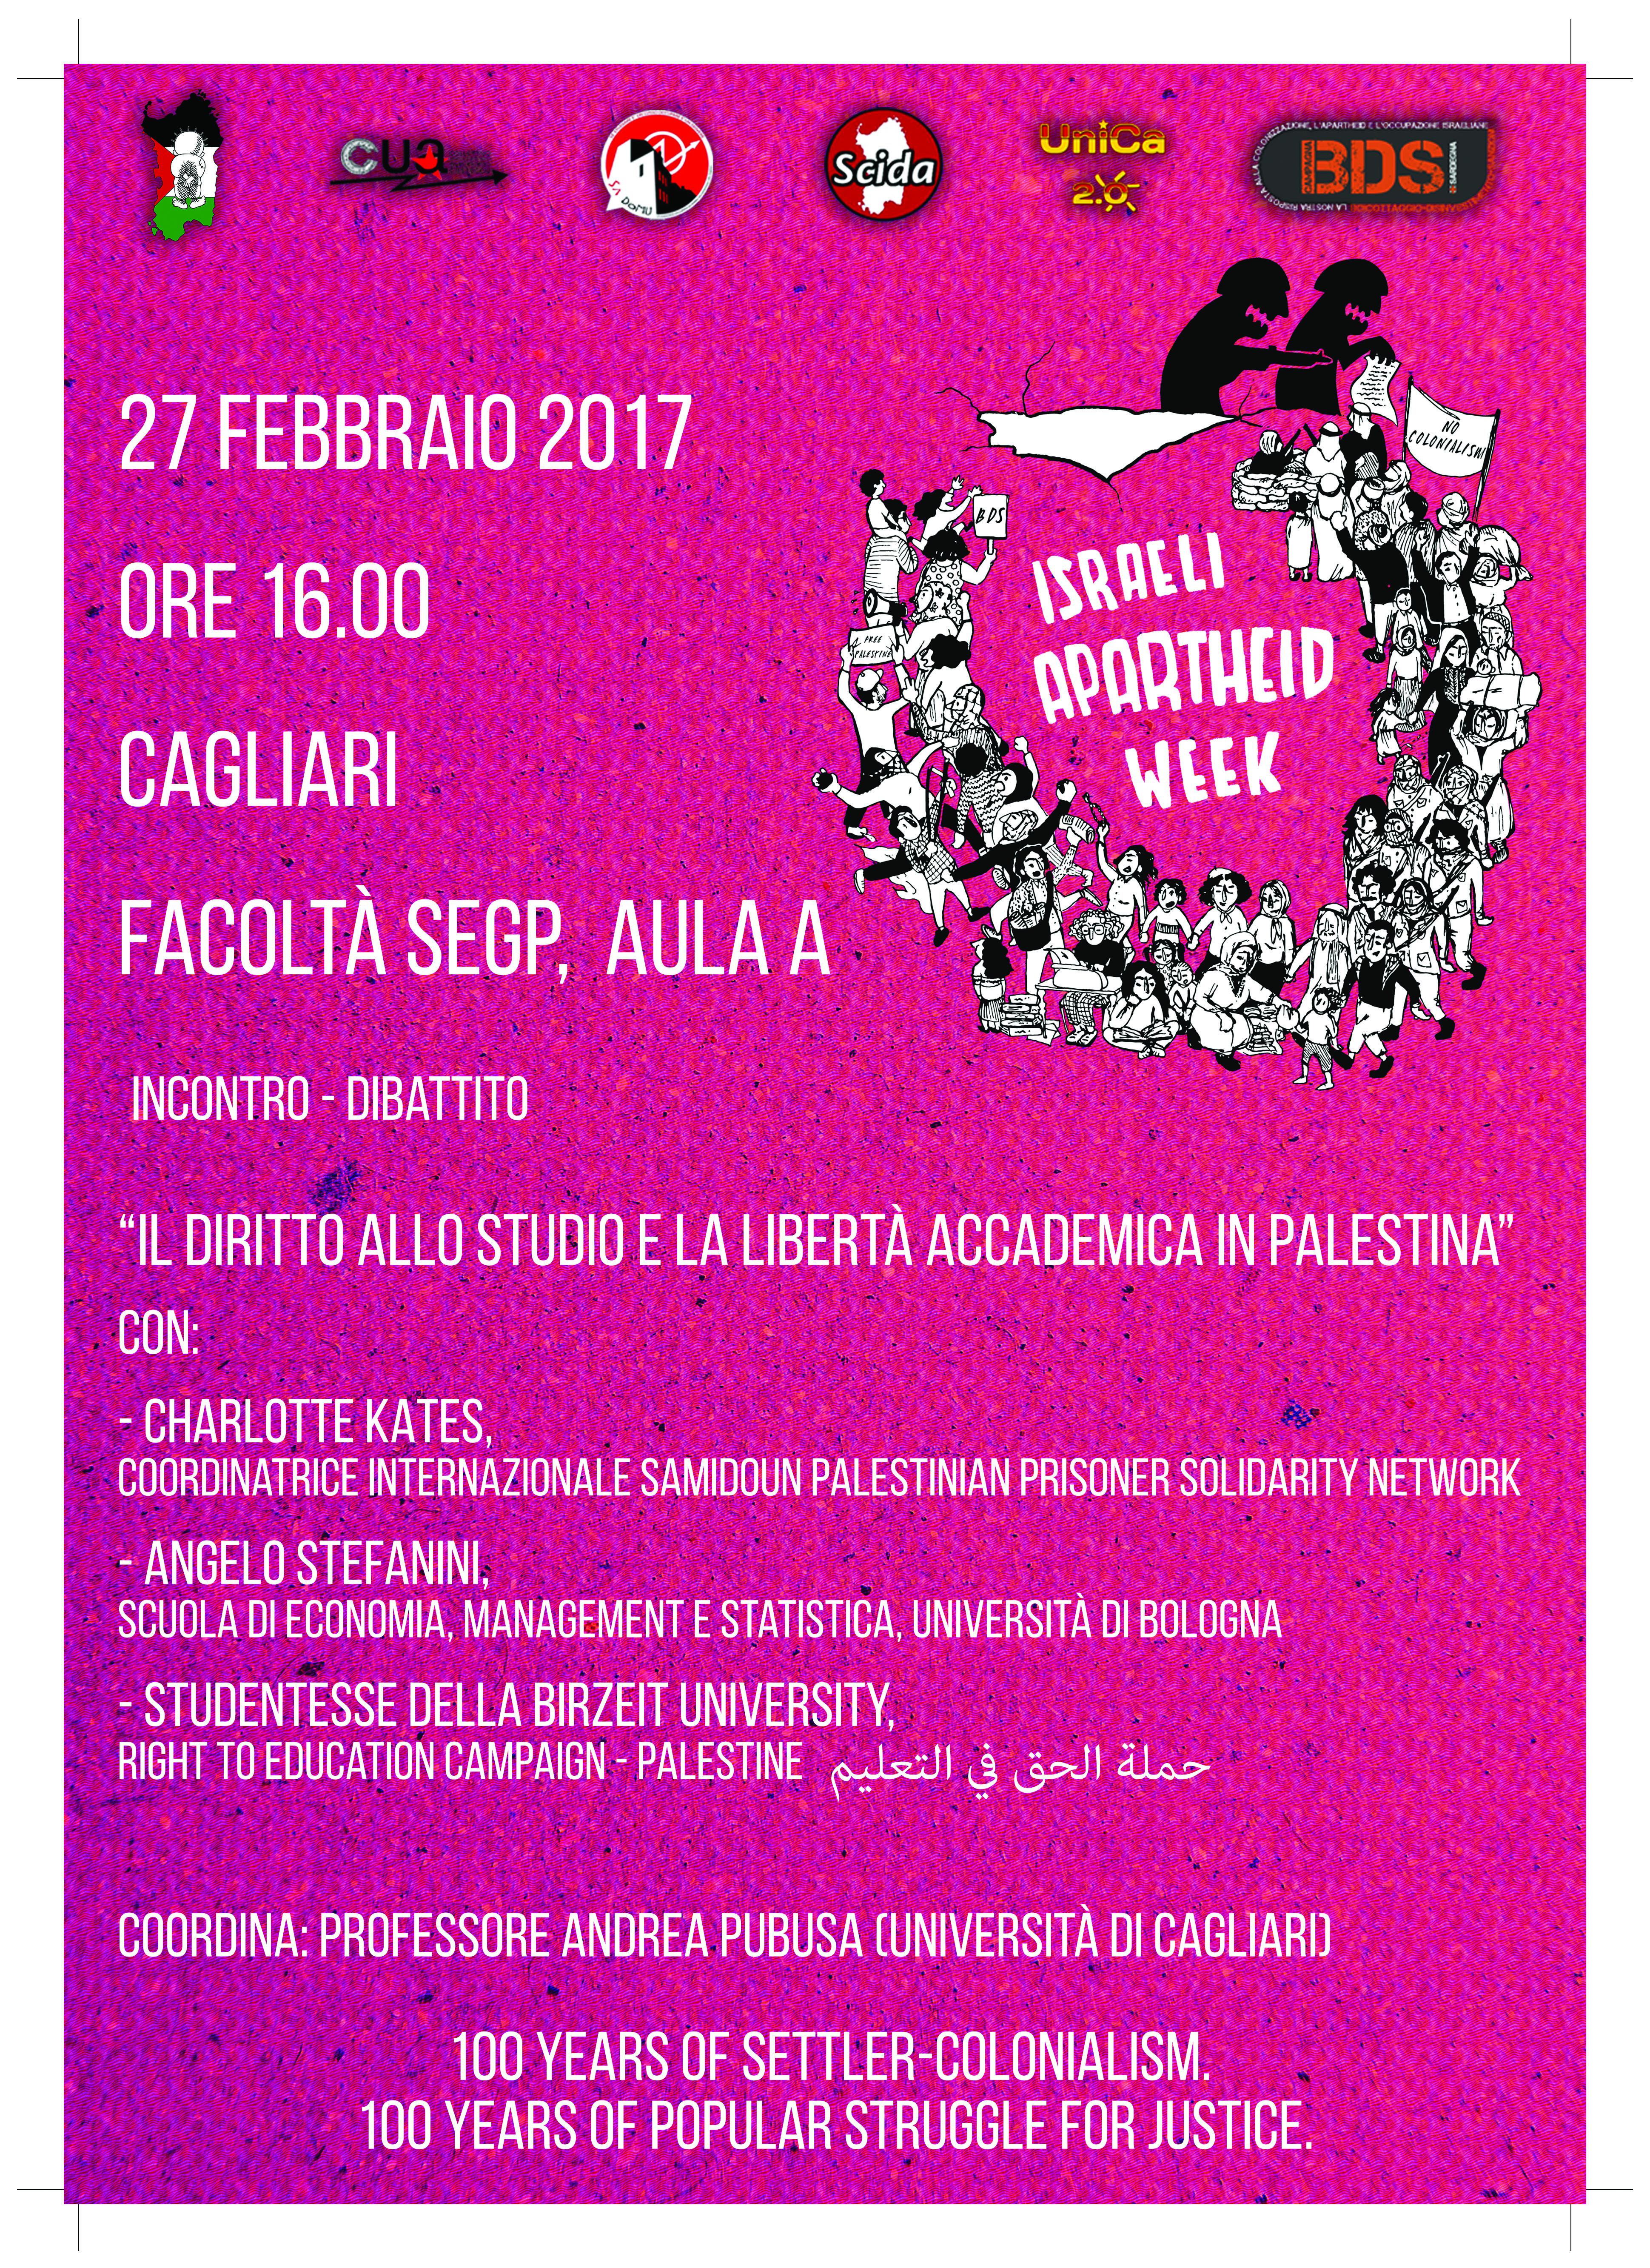 iaw_poster_cagliari 27 febbraio incontro dibattito WEB definitiva